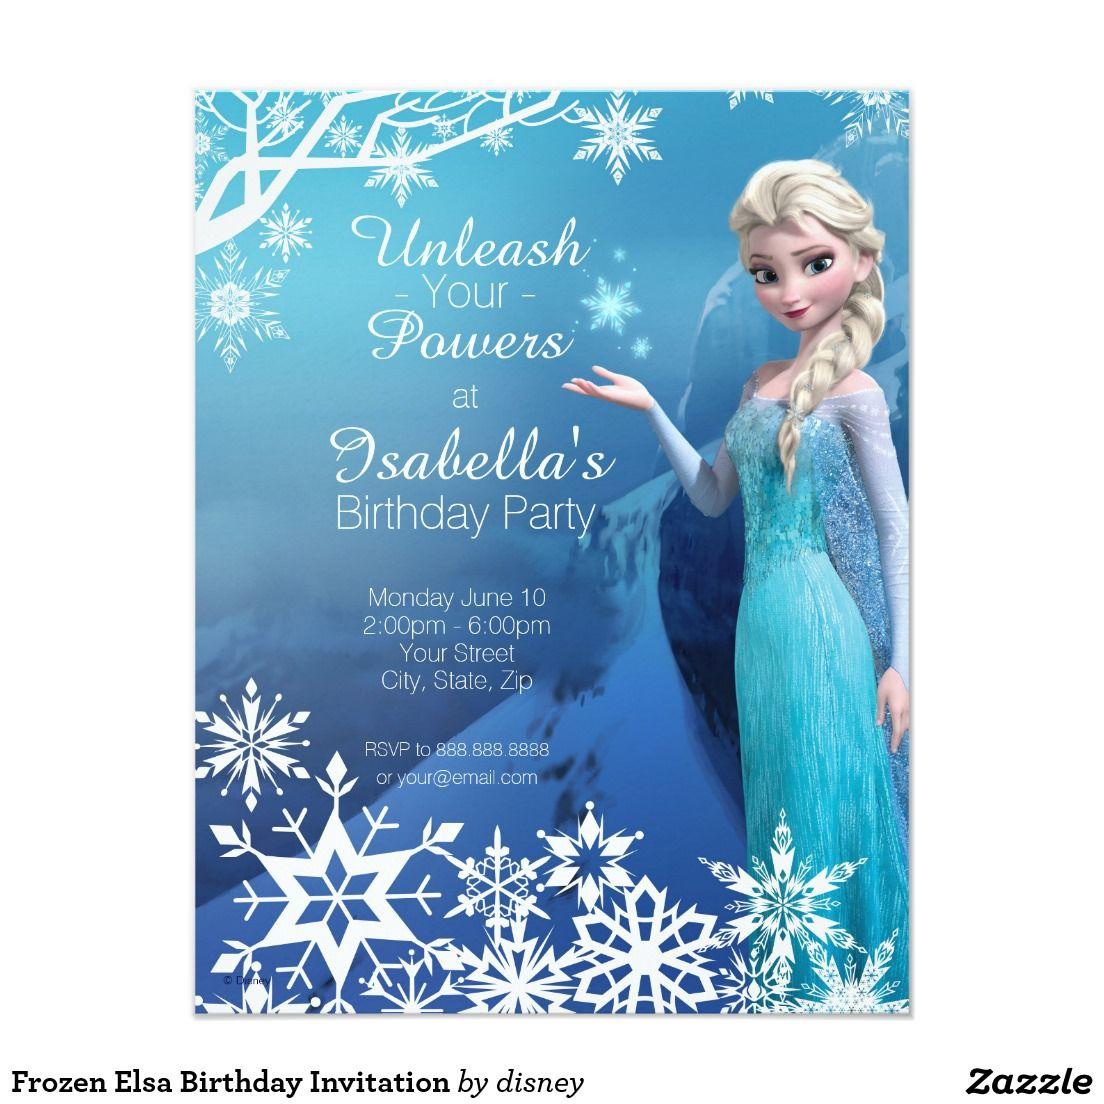 Frozen Elsa Birthday Party Invitation | Elsa birthday invitations ...